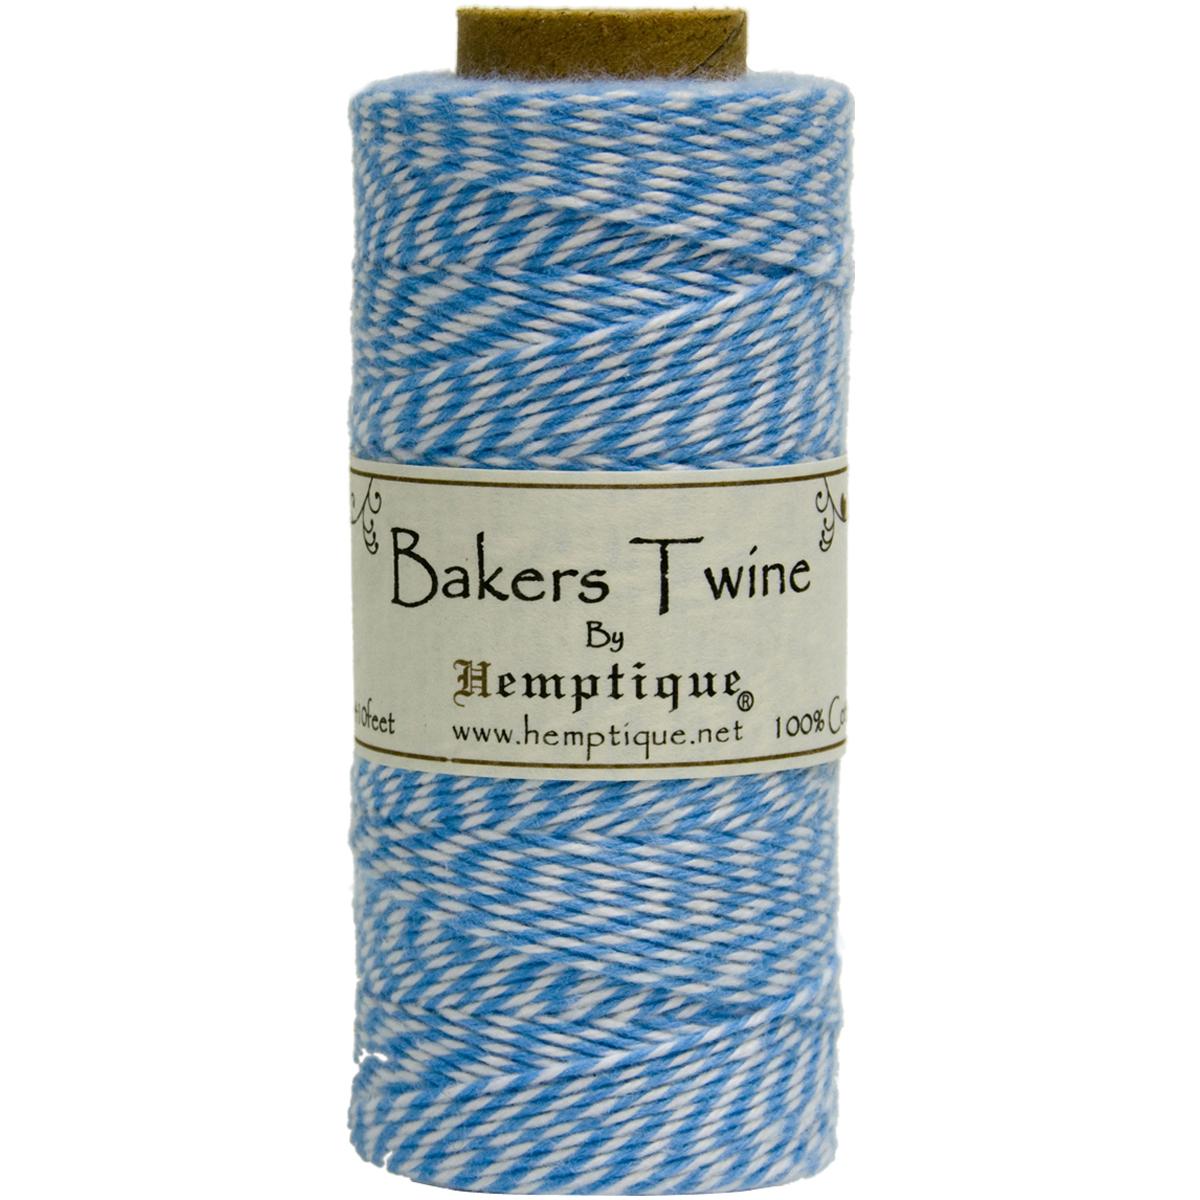 Hemptique Cotton Baker's Twine Spool 2-Ply 410'-Blue